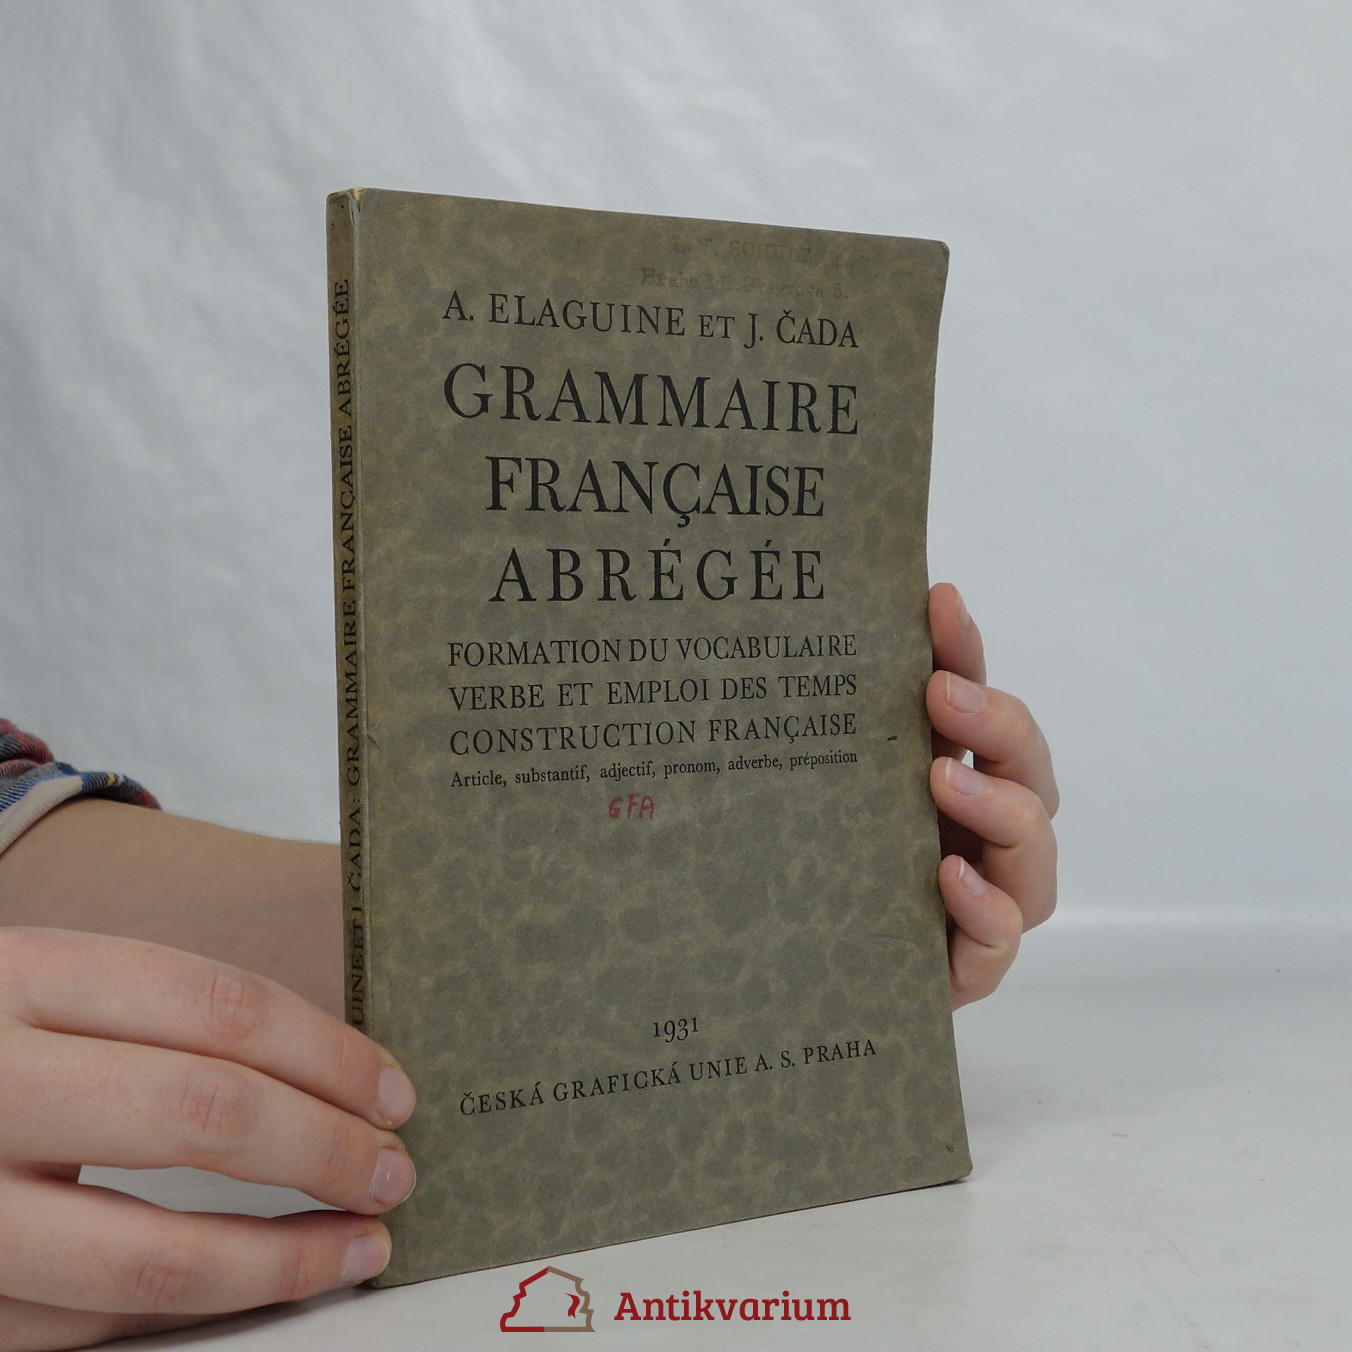 antikvární kniha Grammaire française abrégée. Formation du vocabulaire. Verbe et emploi des temps. Construction française, 1931